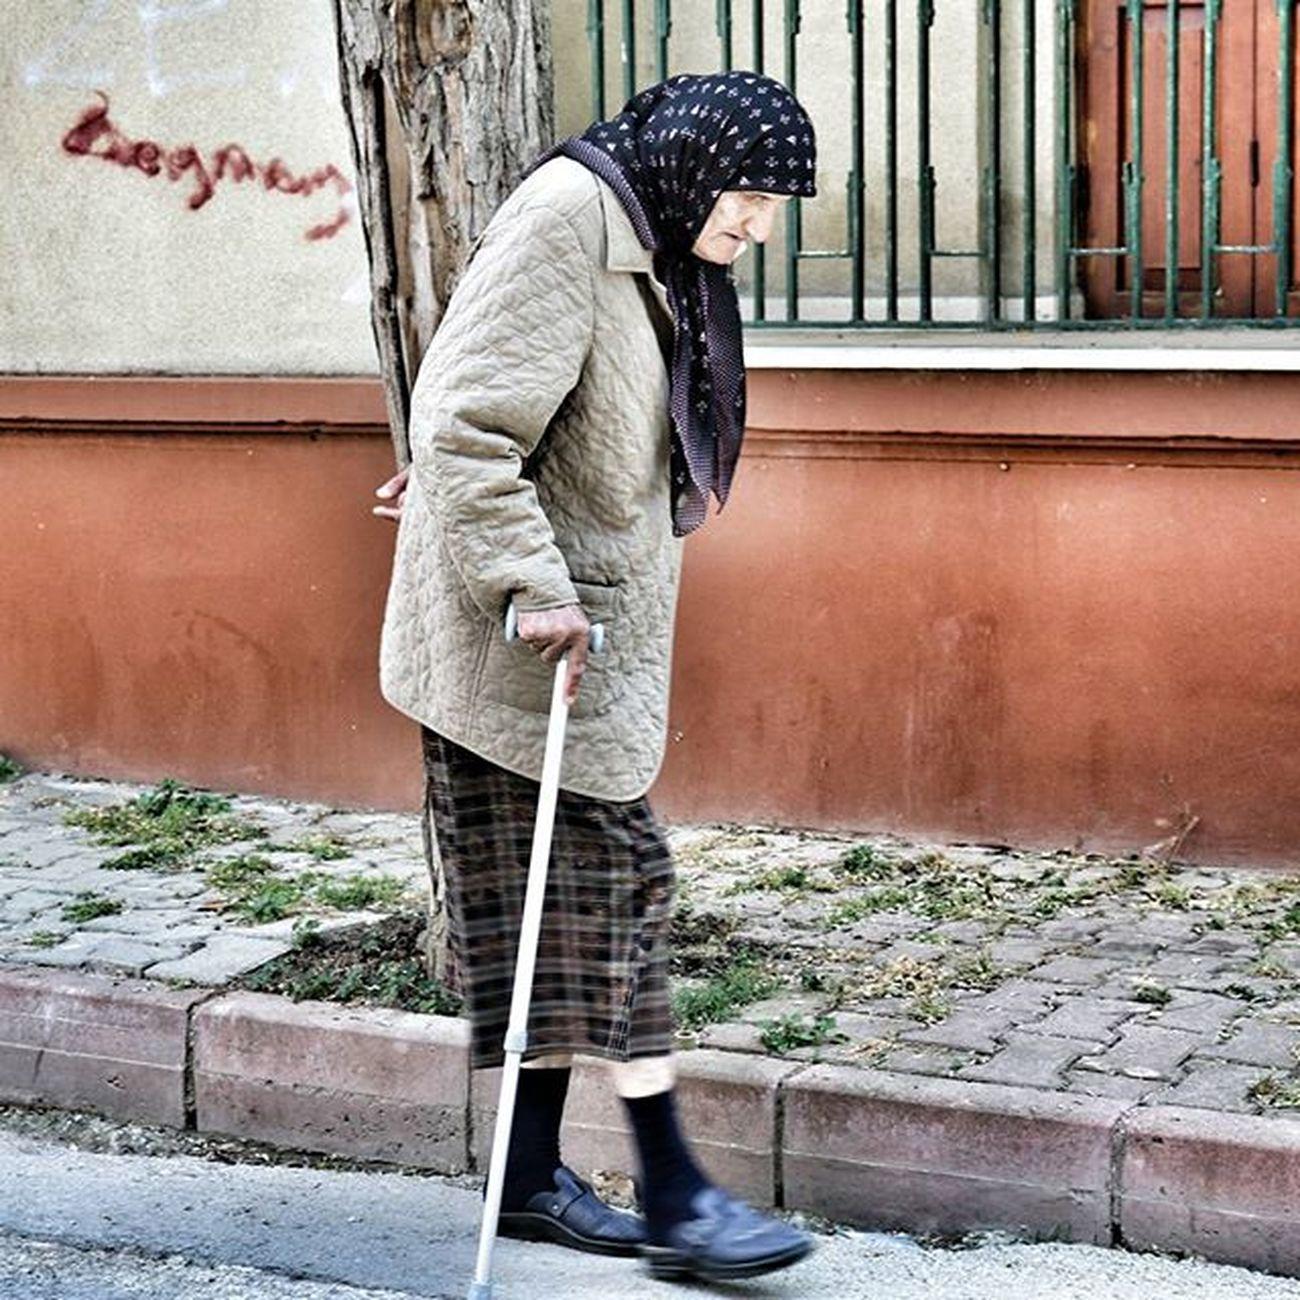 İleriye doğru göründüğü halde geriye ve geriye doğru göründüğü halde ileriye giden yollar vardır. Woman Oldwoman Peoplegram Life Walking